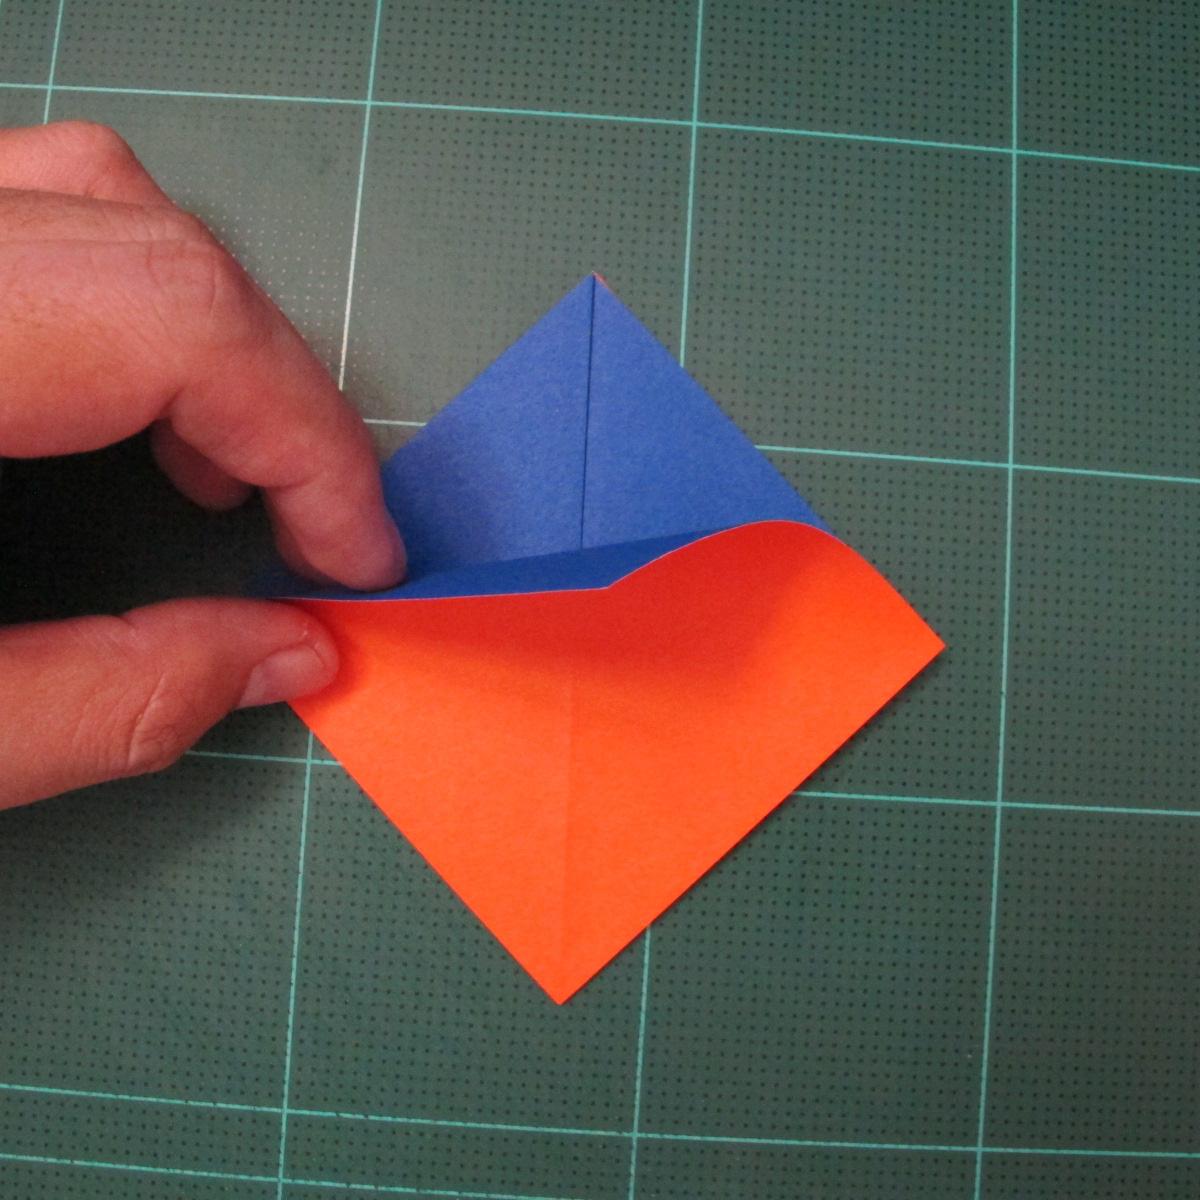 การพับกระดาษเป็นรูปเรือใบ (Origami Sail Boat) 002